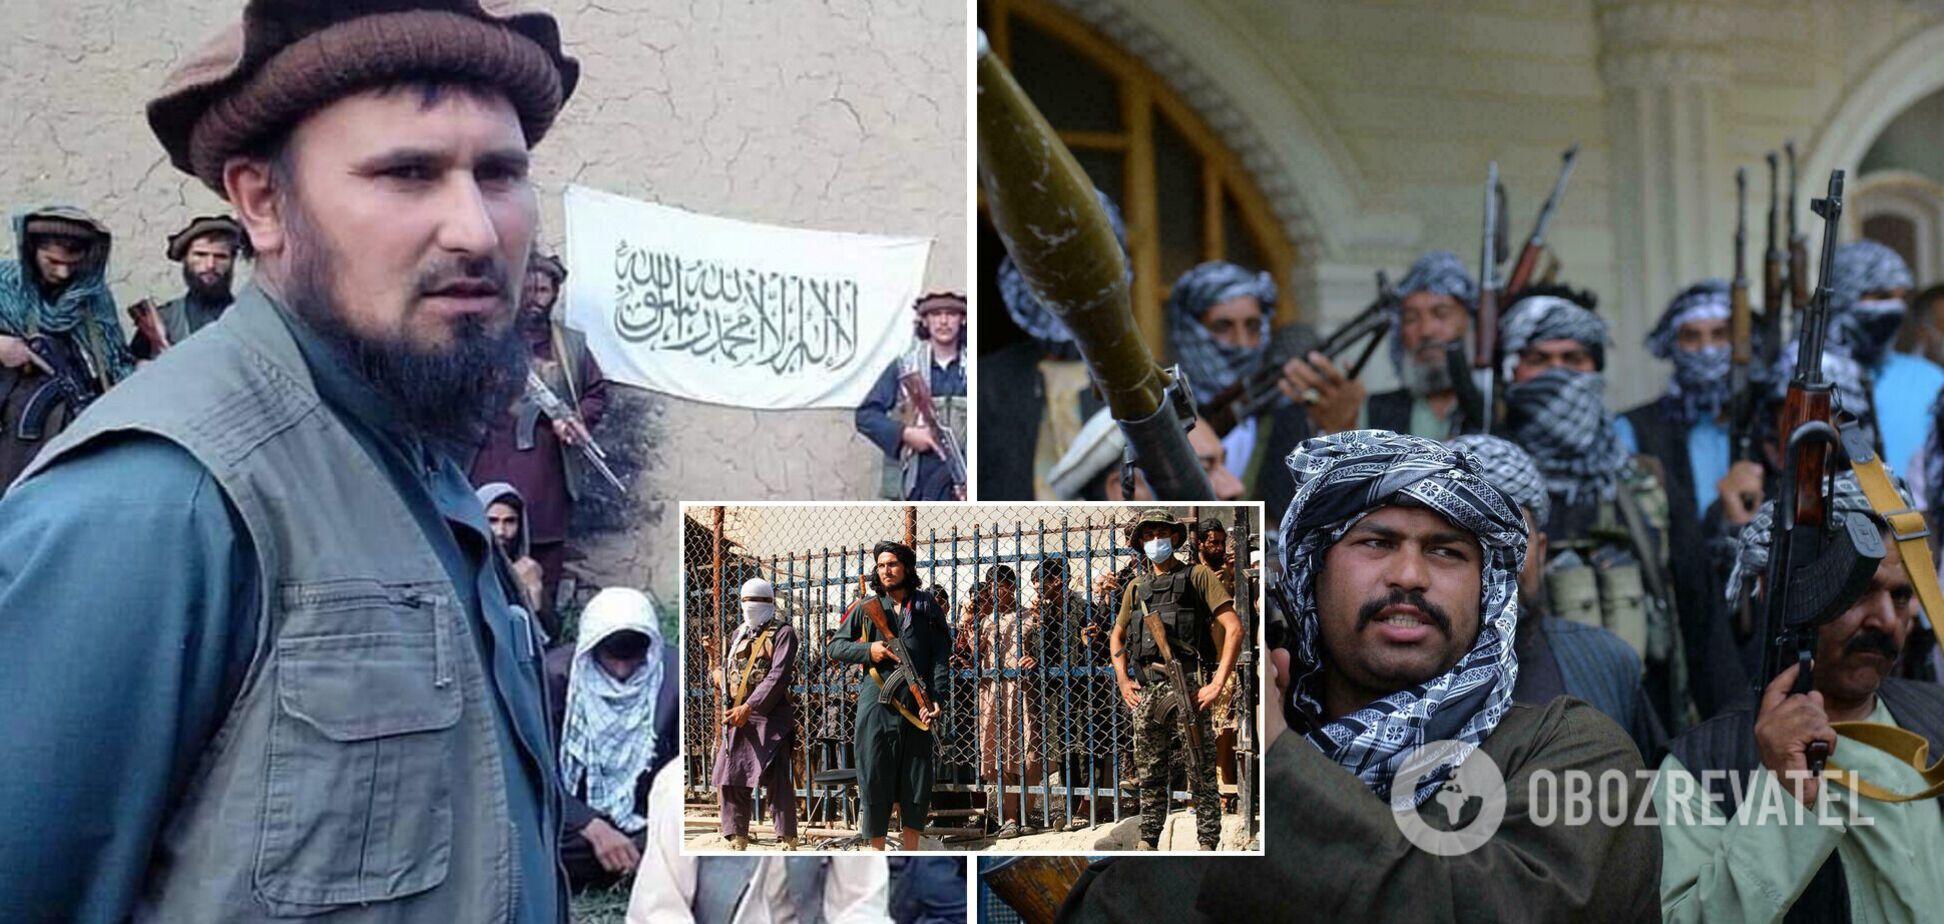 Таліби заявили про створення регулярної армії в Афганістані: що зараз відбувається в країні